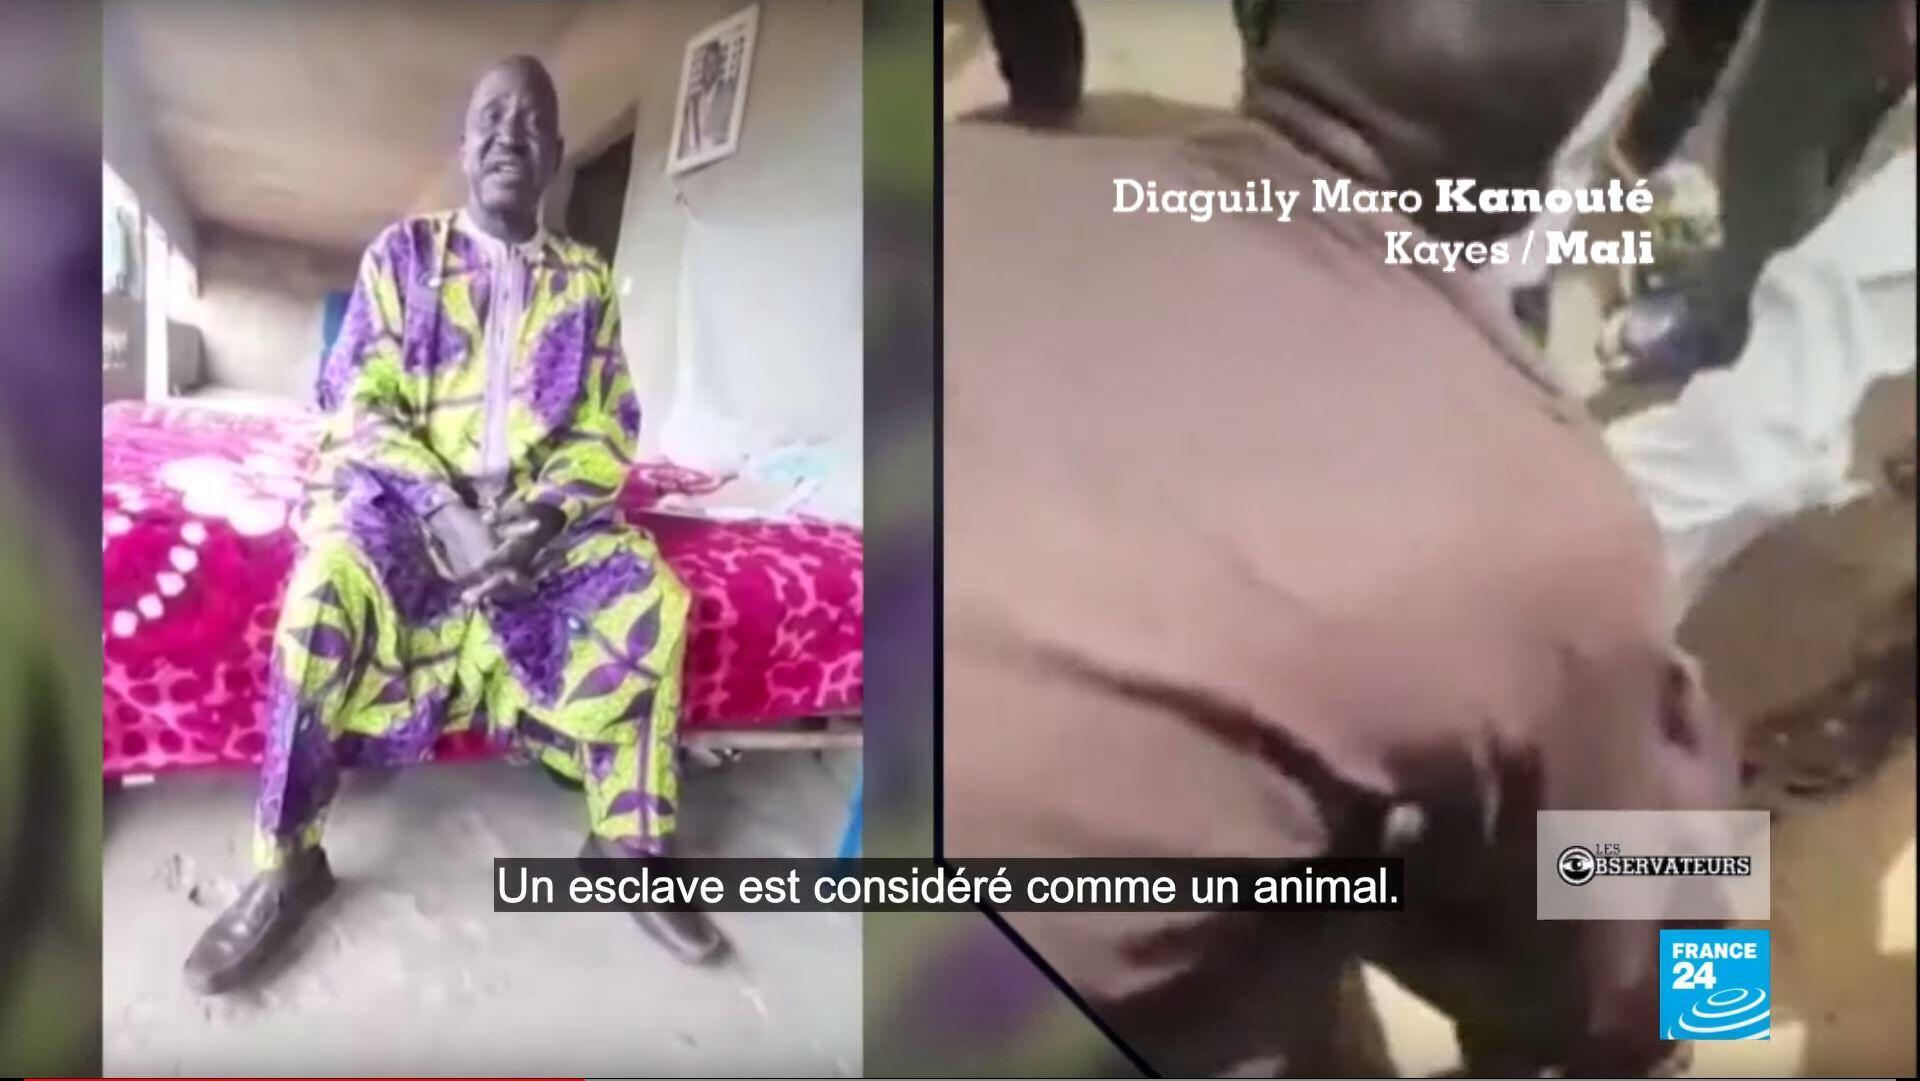 À droite, une vidéo partagée sur les réseaux sociaux montre un homme opposé à l'esclavage se faire agresser et ligoter à Kremis, au sud-ouest du Mali.